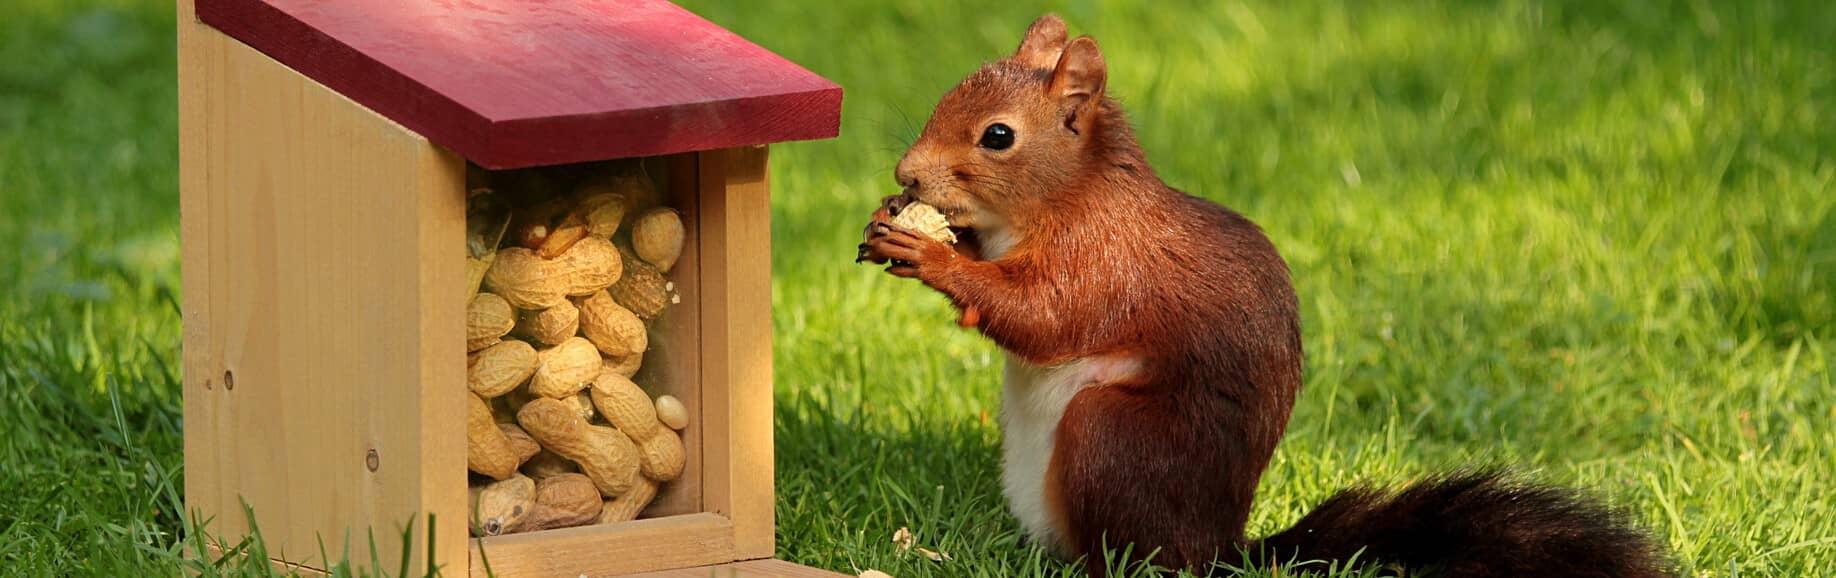 保險松鼠教你從保戶角度釐清自身保險需求